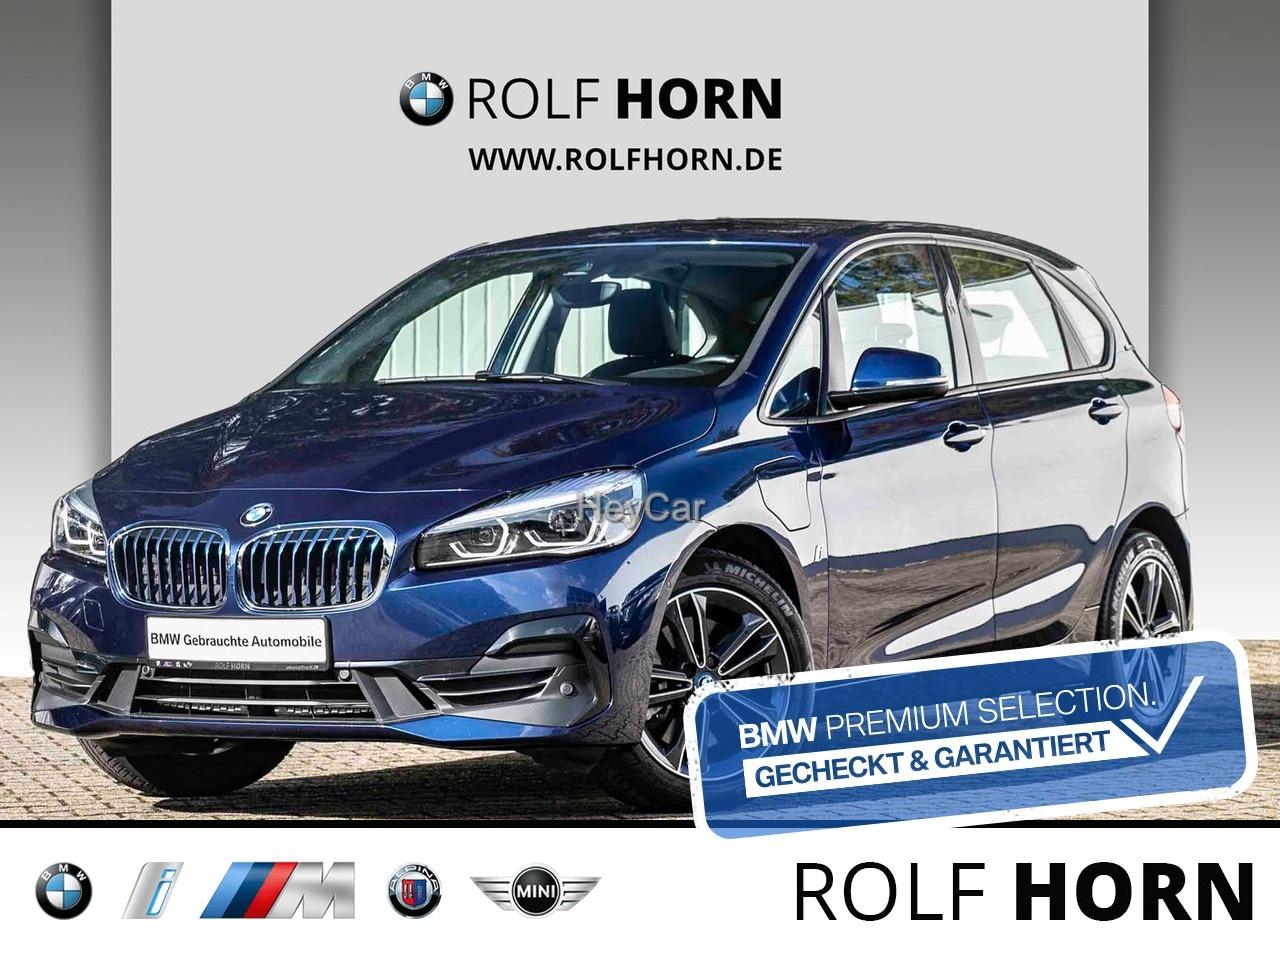 BMW 225 Active Tourer xe Sport Line Aut Navi LED PDC, Jahr 2018, Hybrid